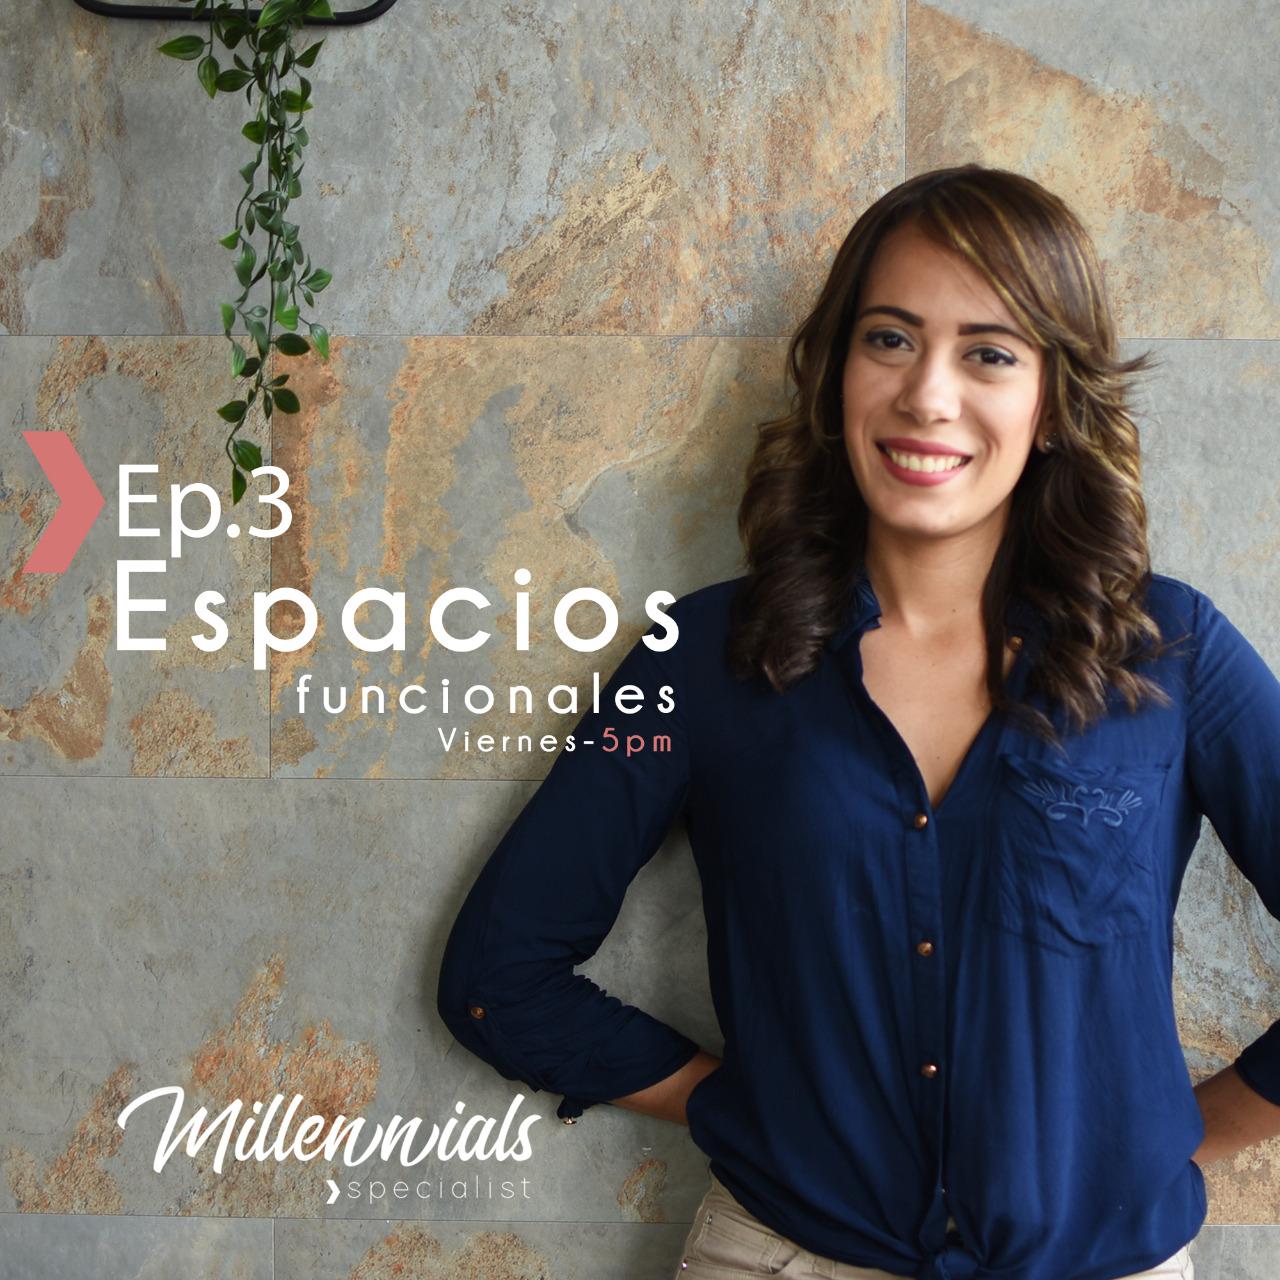 Episodio 3, Millennials Specialist: Espacios Funcionales para Millennials.